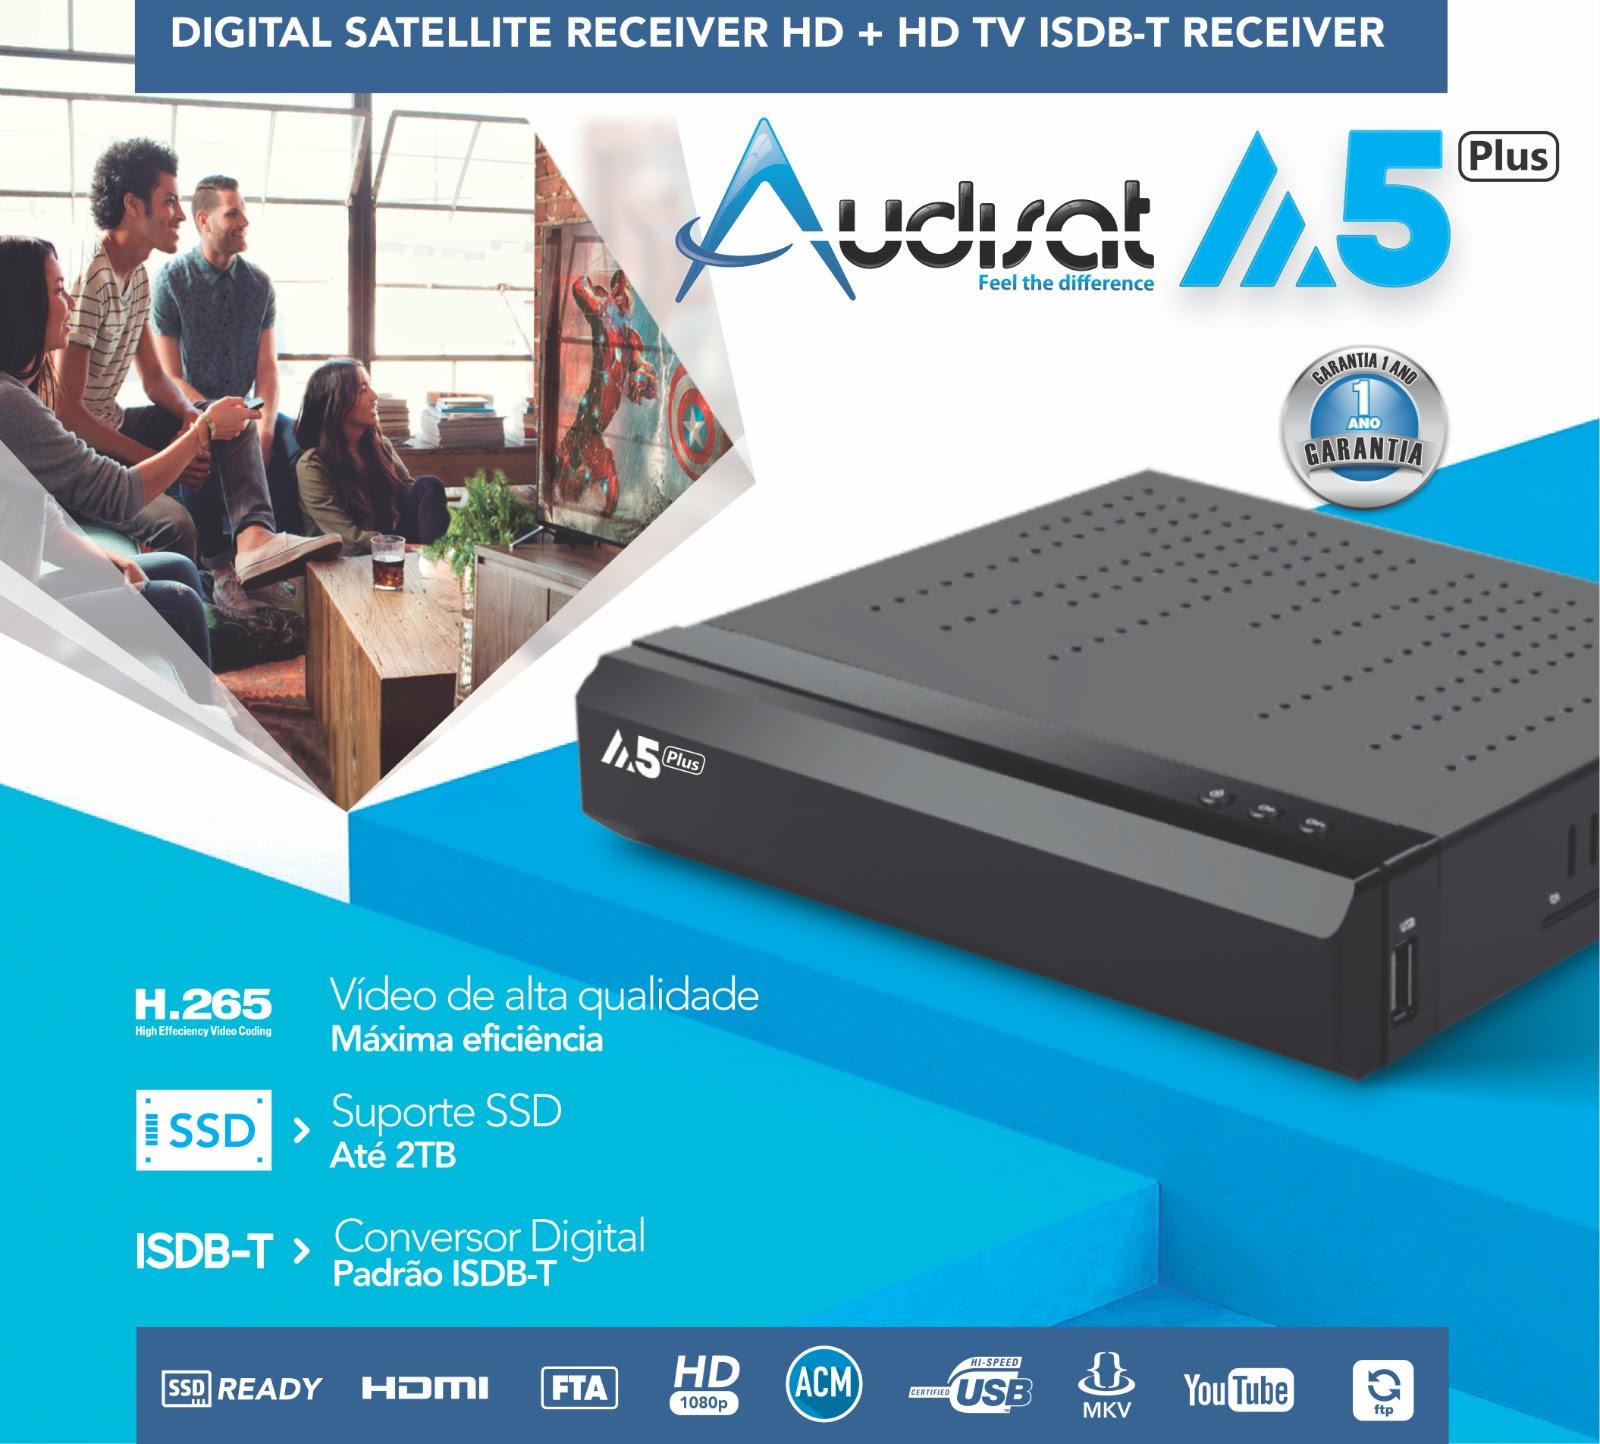 pJXOX04 - AUDISAT A5 PLUS NOVA ATUALIZAÇÃO V1.3.18 - 17/08/2017